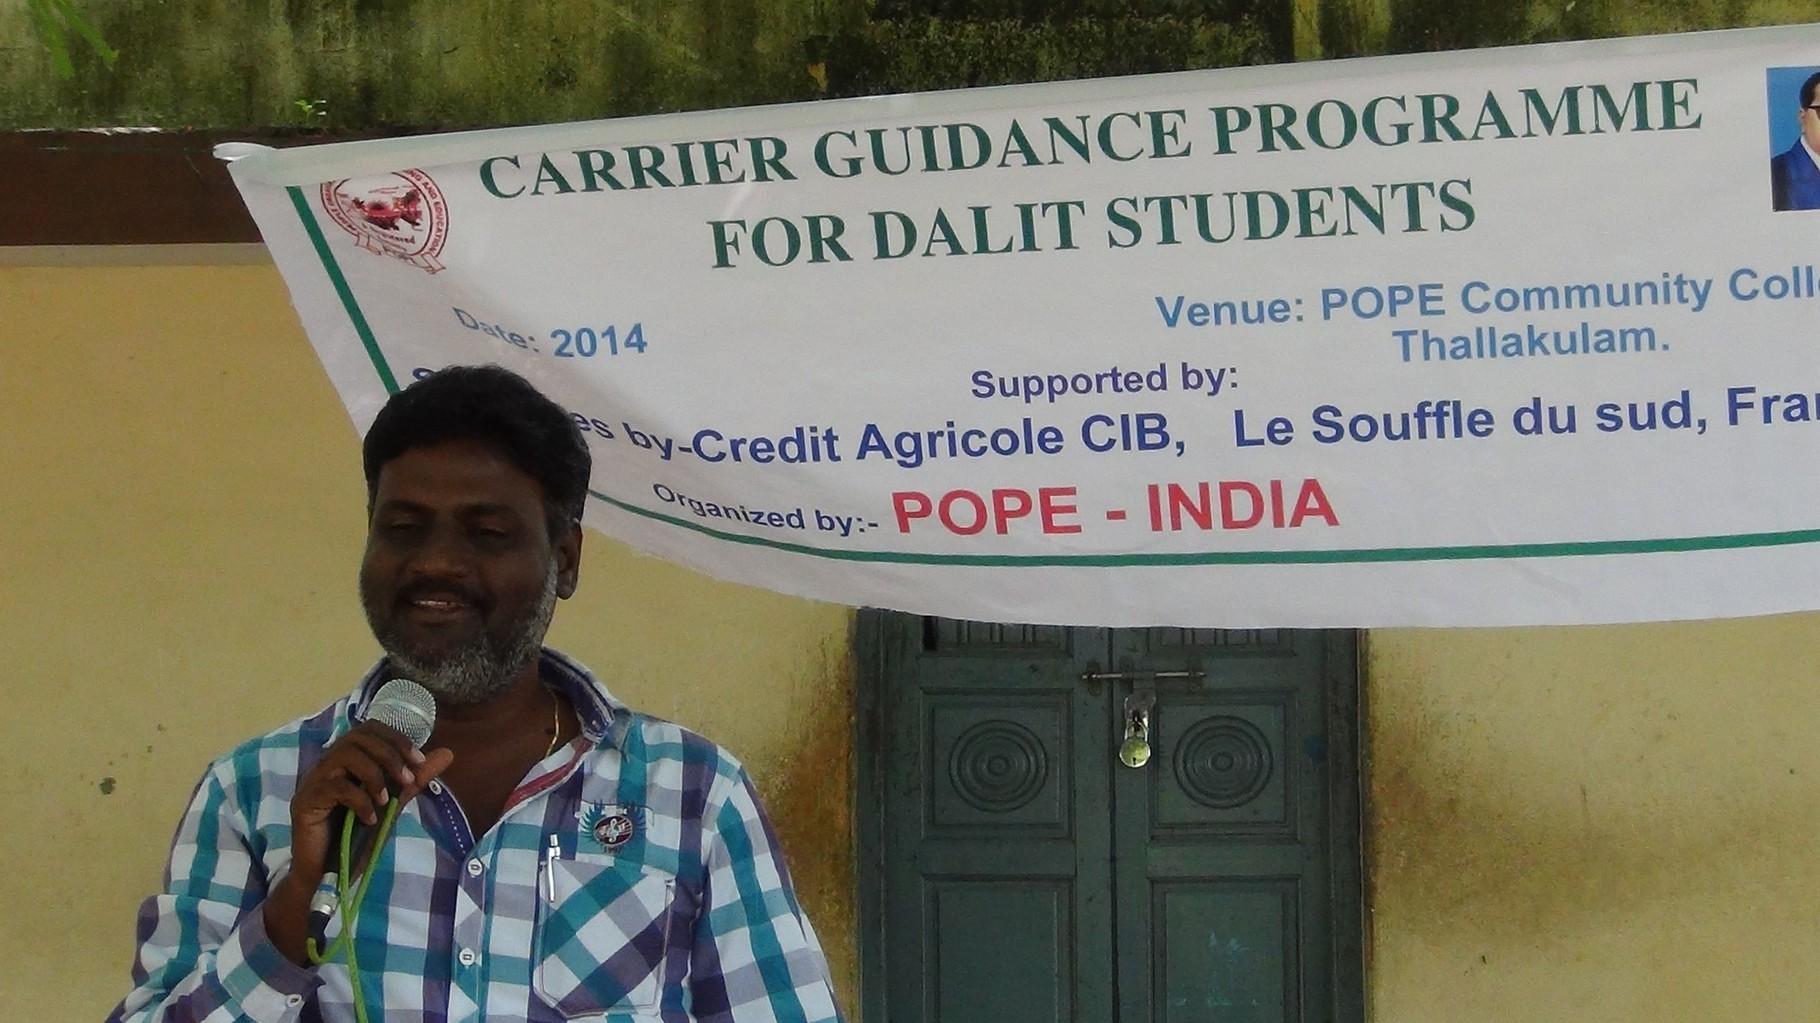 2014 - Lancement du stage d'orientation professionnelle sponsorisé par CA CIB